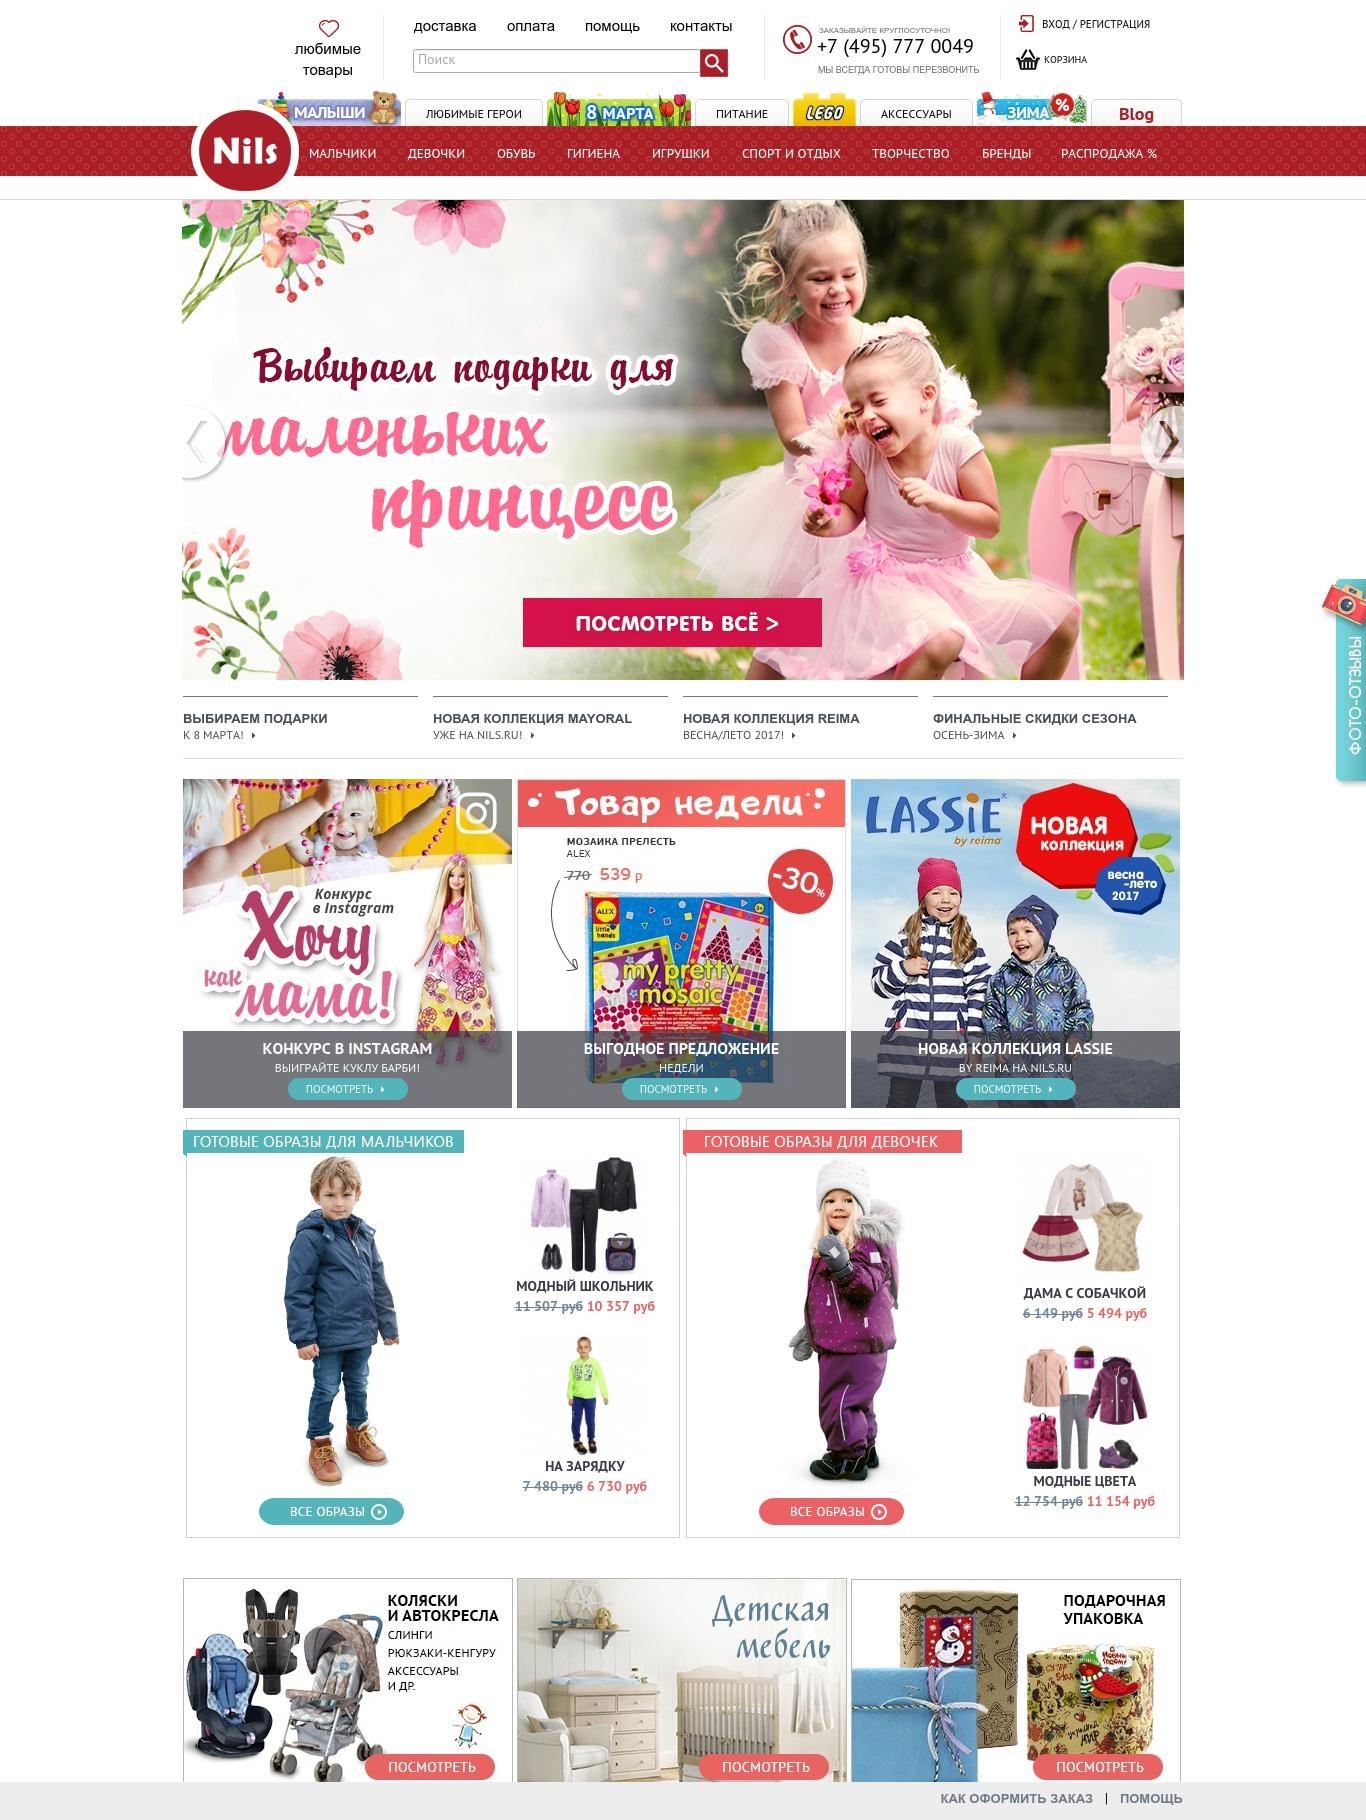 nils.ru